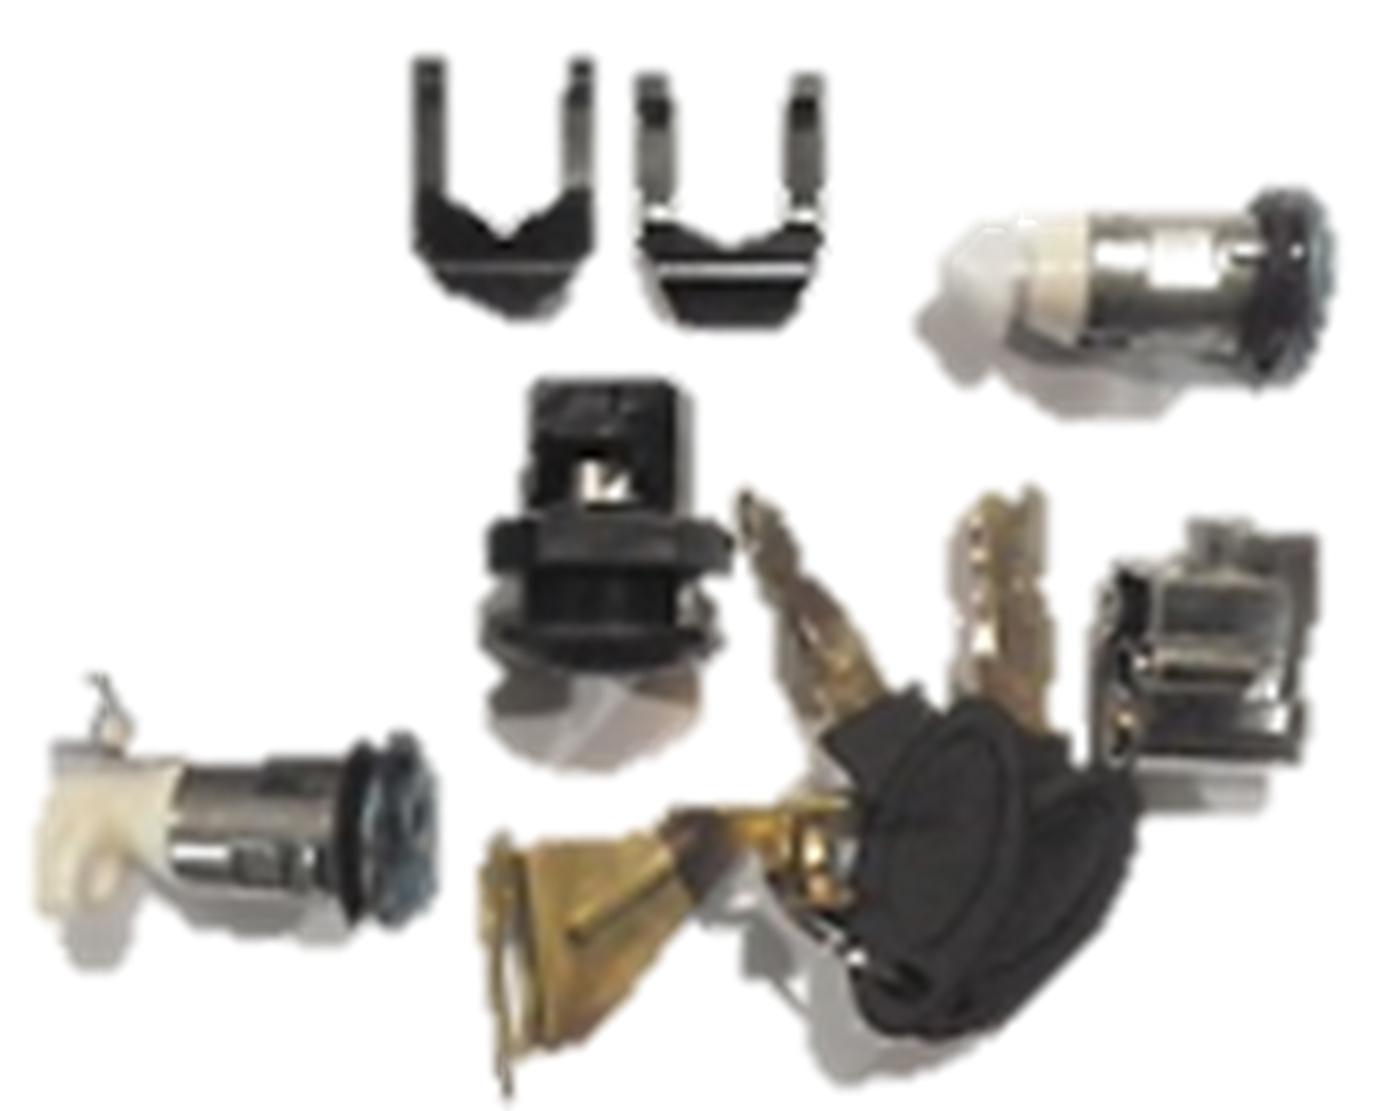 Ignition key/lock set